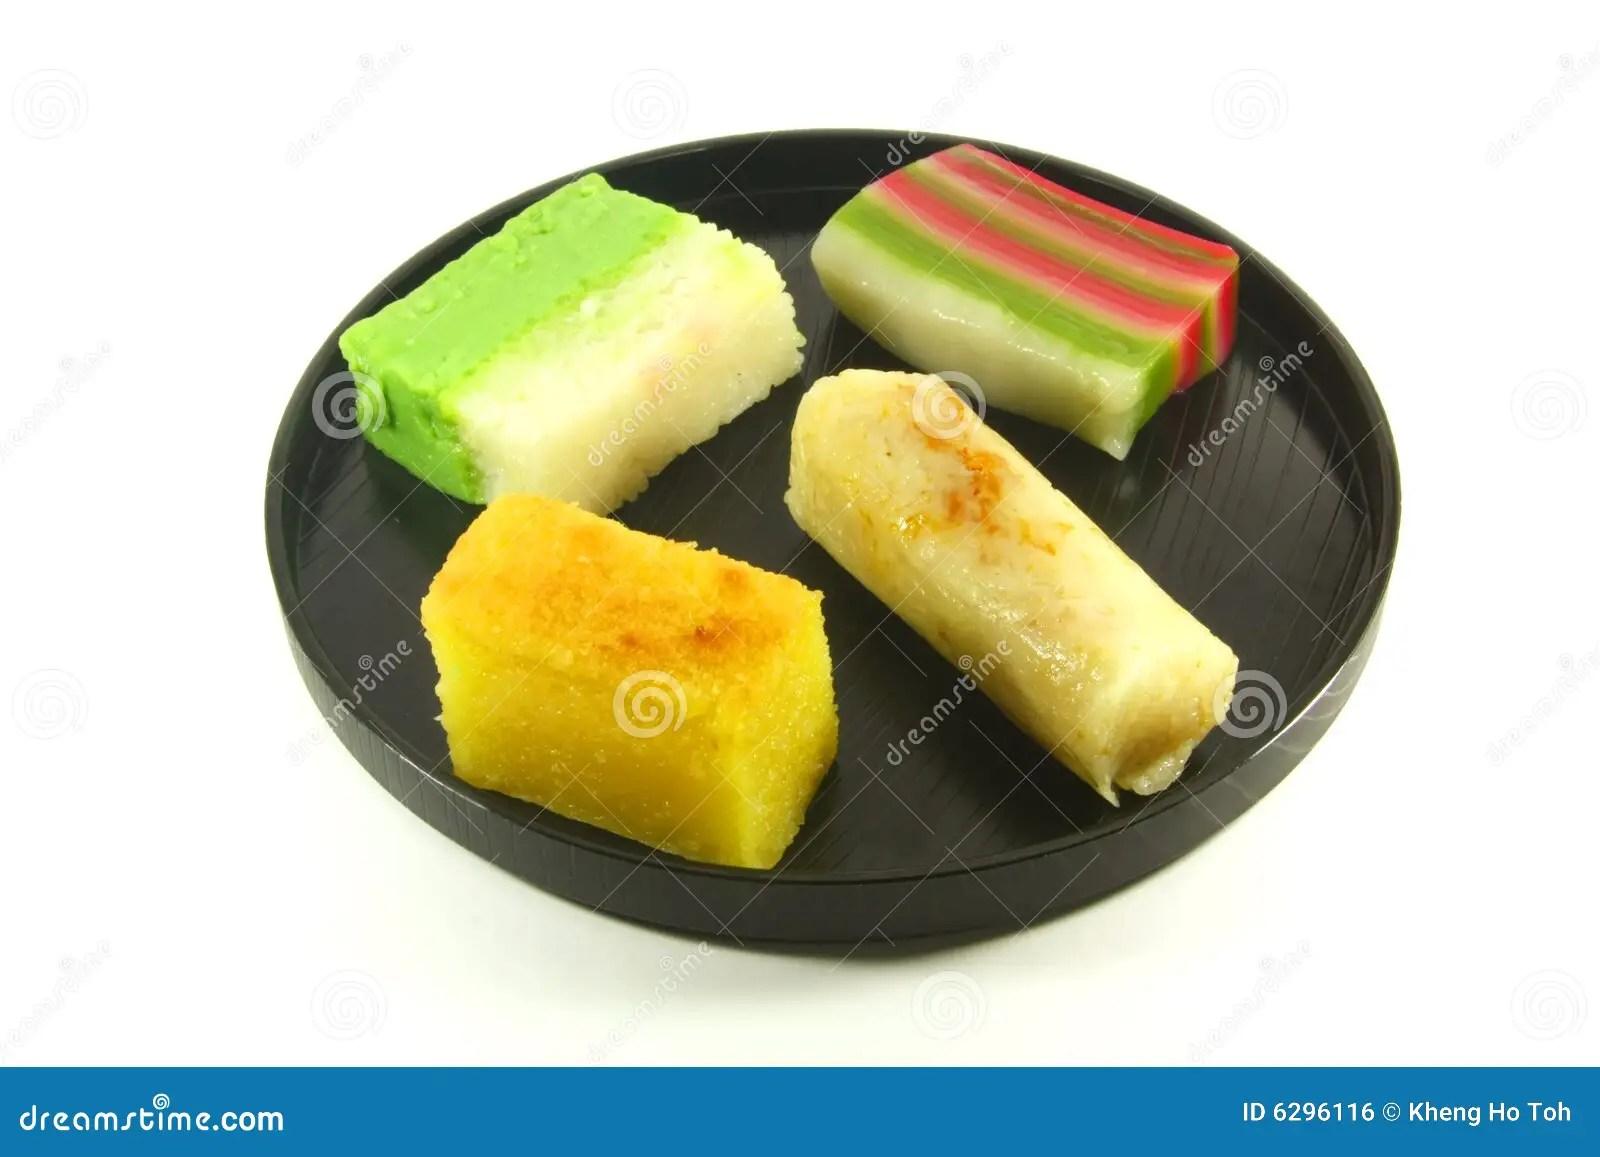 Types Cakes Description